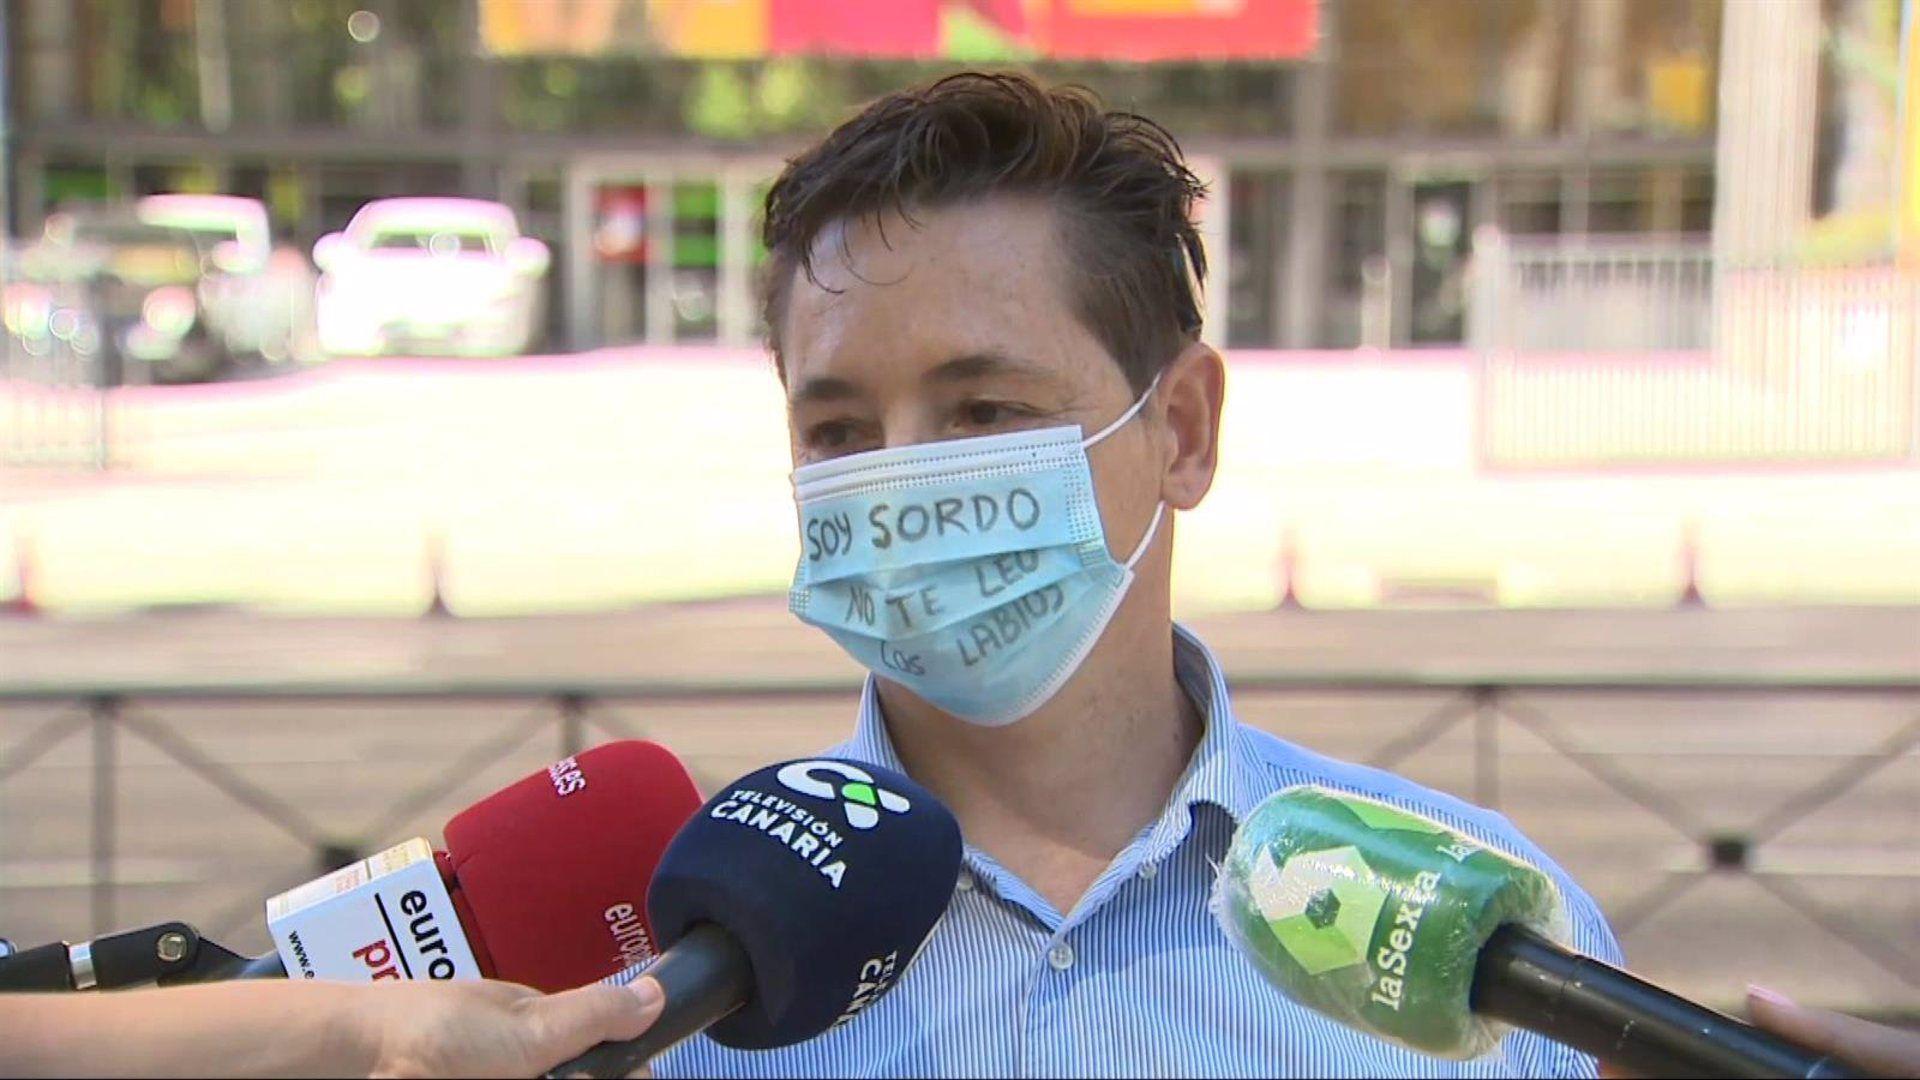 Entregan en Sanidad más de 80.000 firmas pidiendo la homologación de mascarillas transparentes para sordos